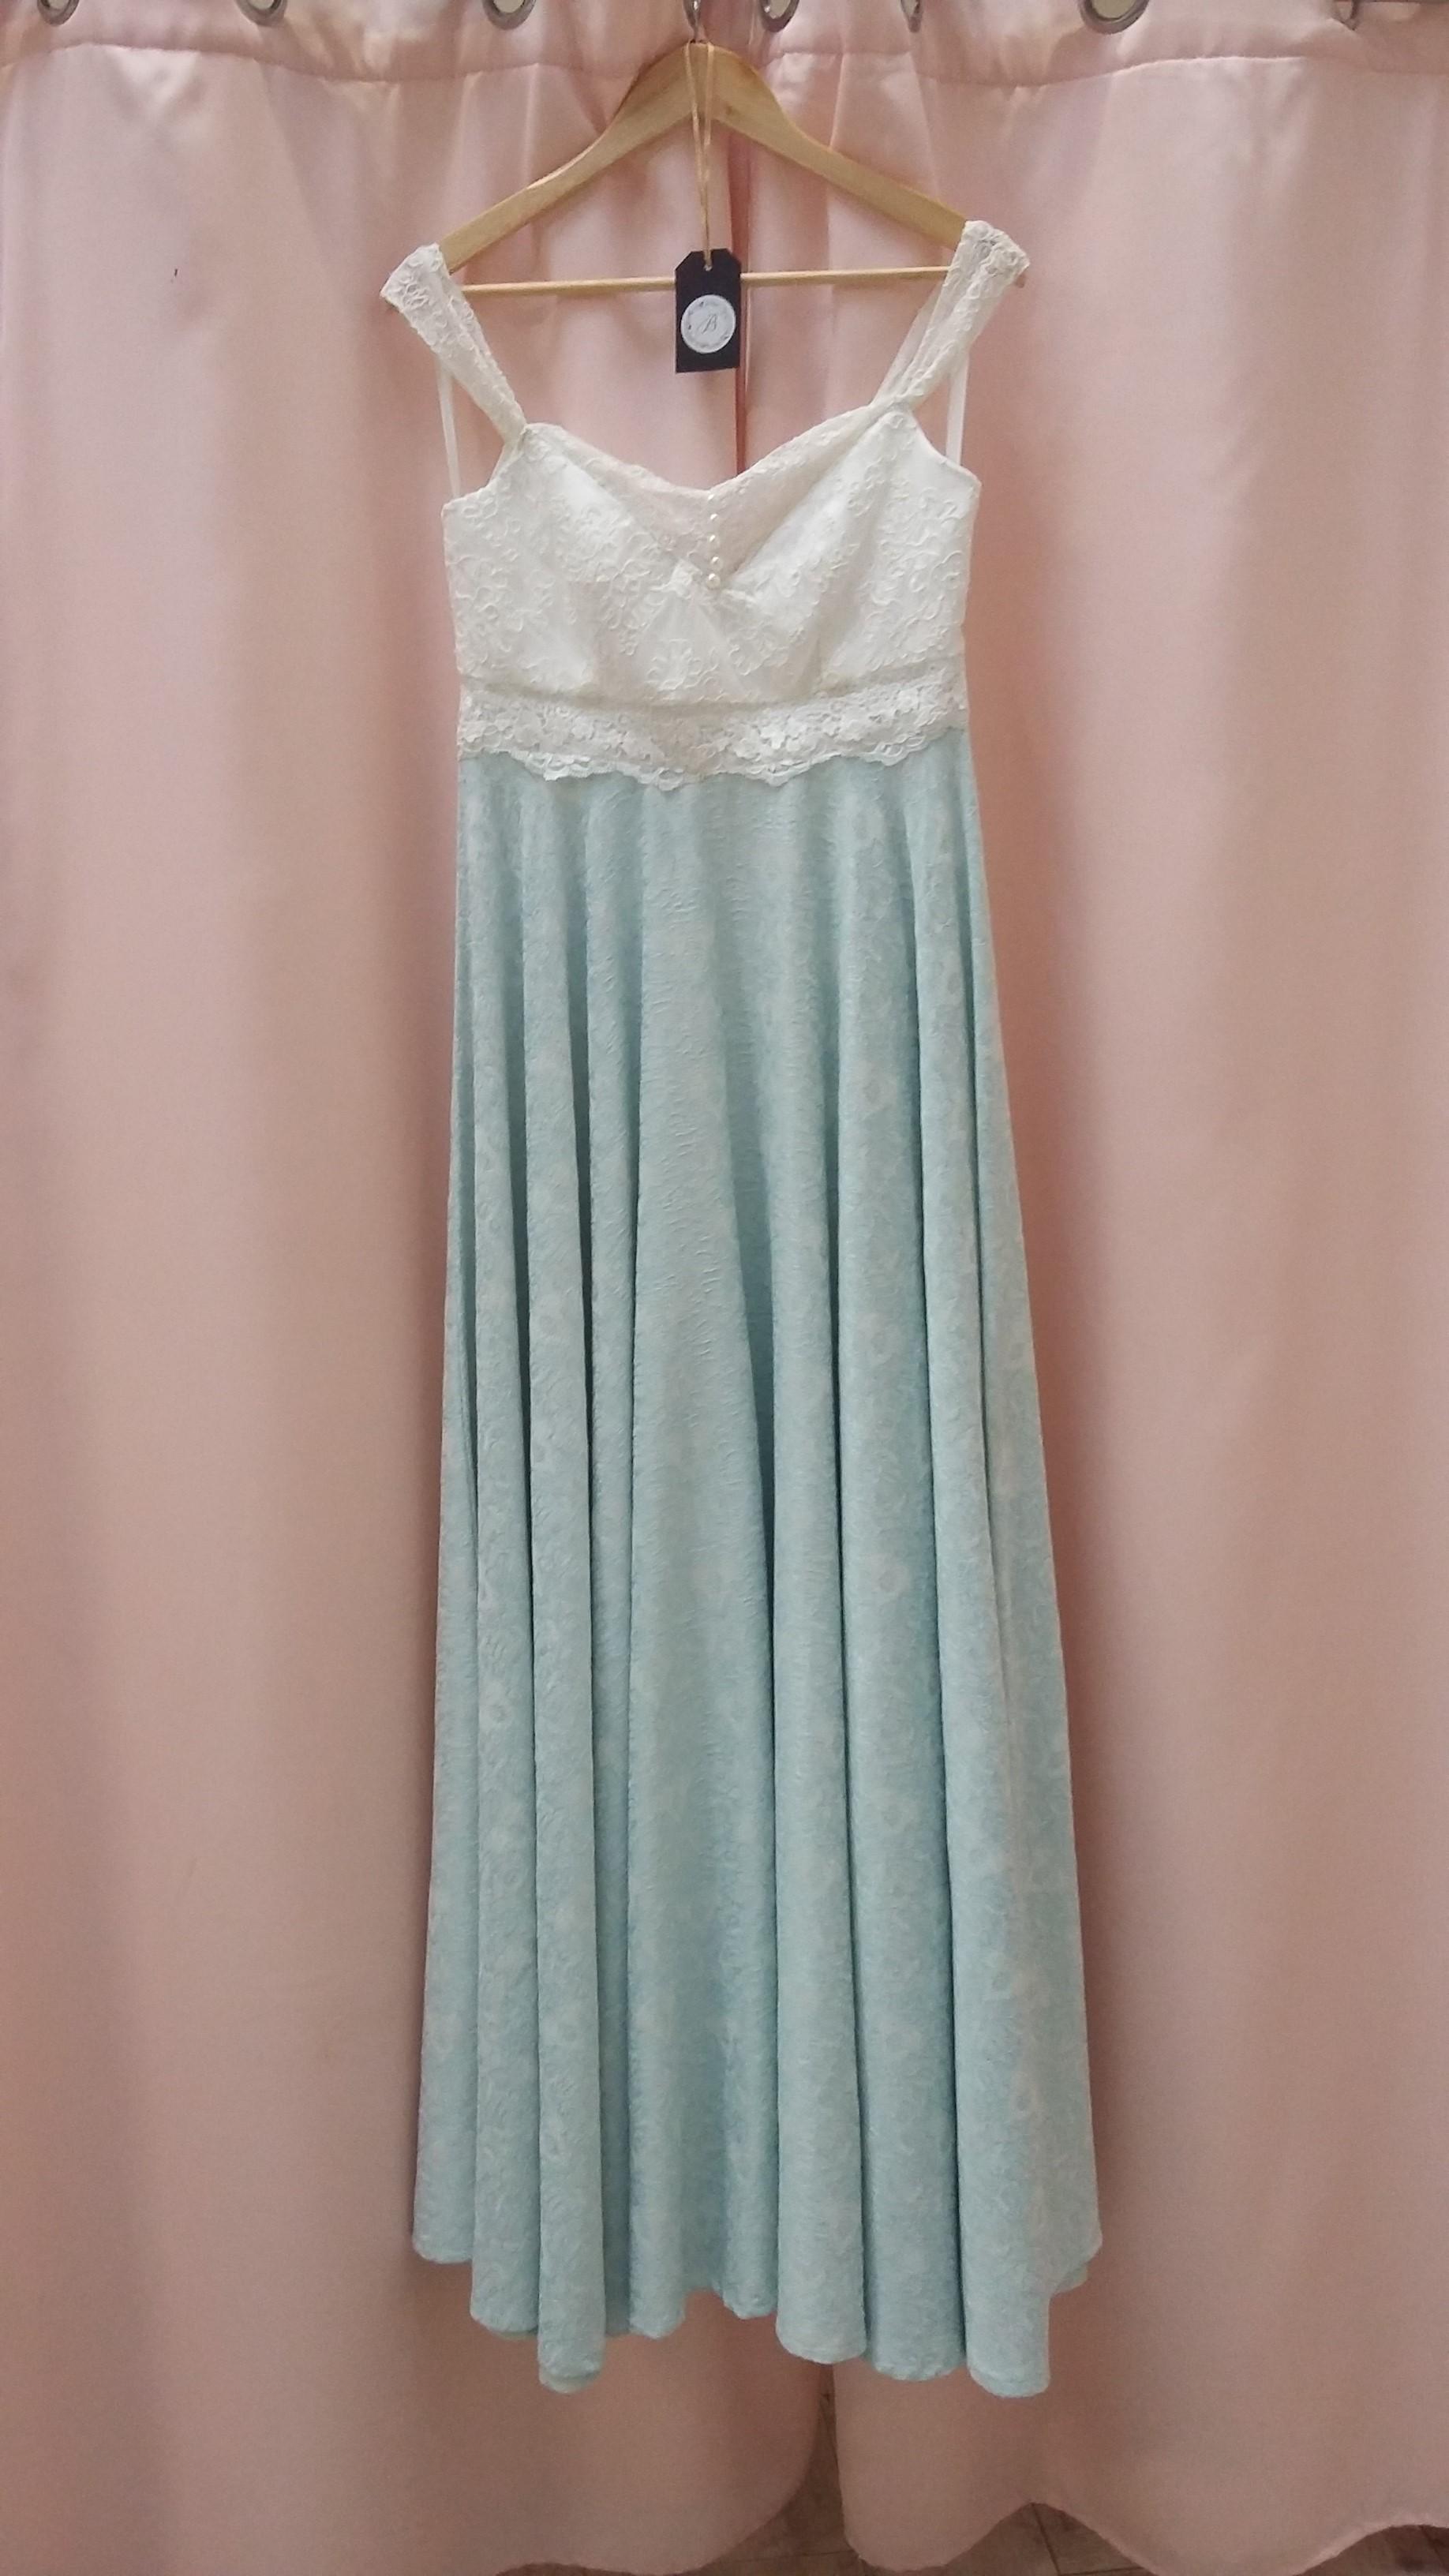 Robe de mariée à domicile - COLINE - Robe de mariée colorée , verte- boutique de mariage de créateur Cholet